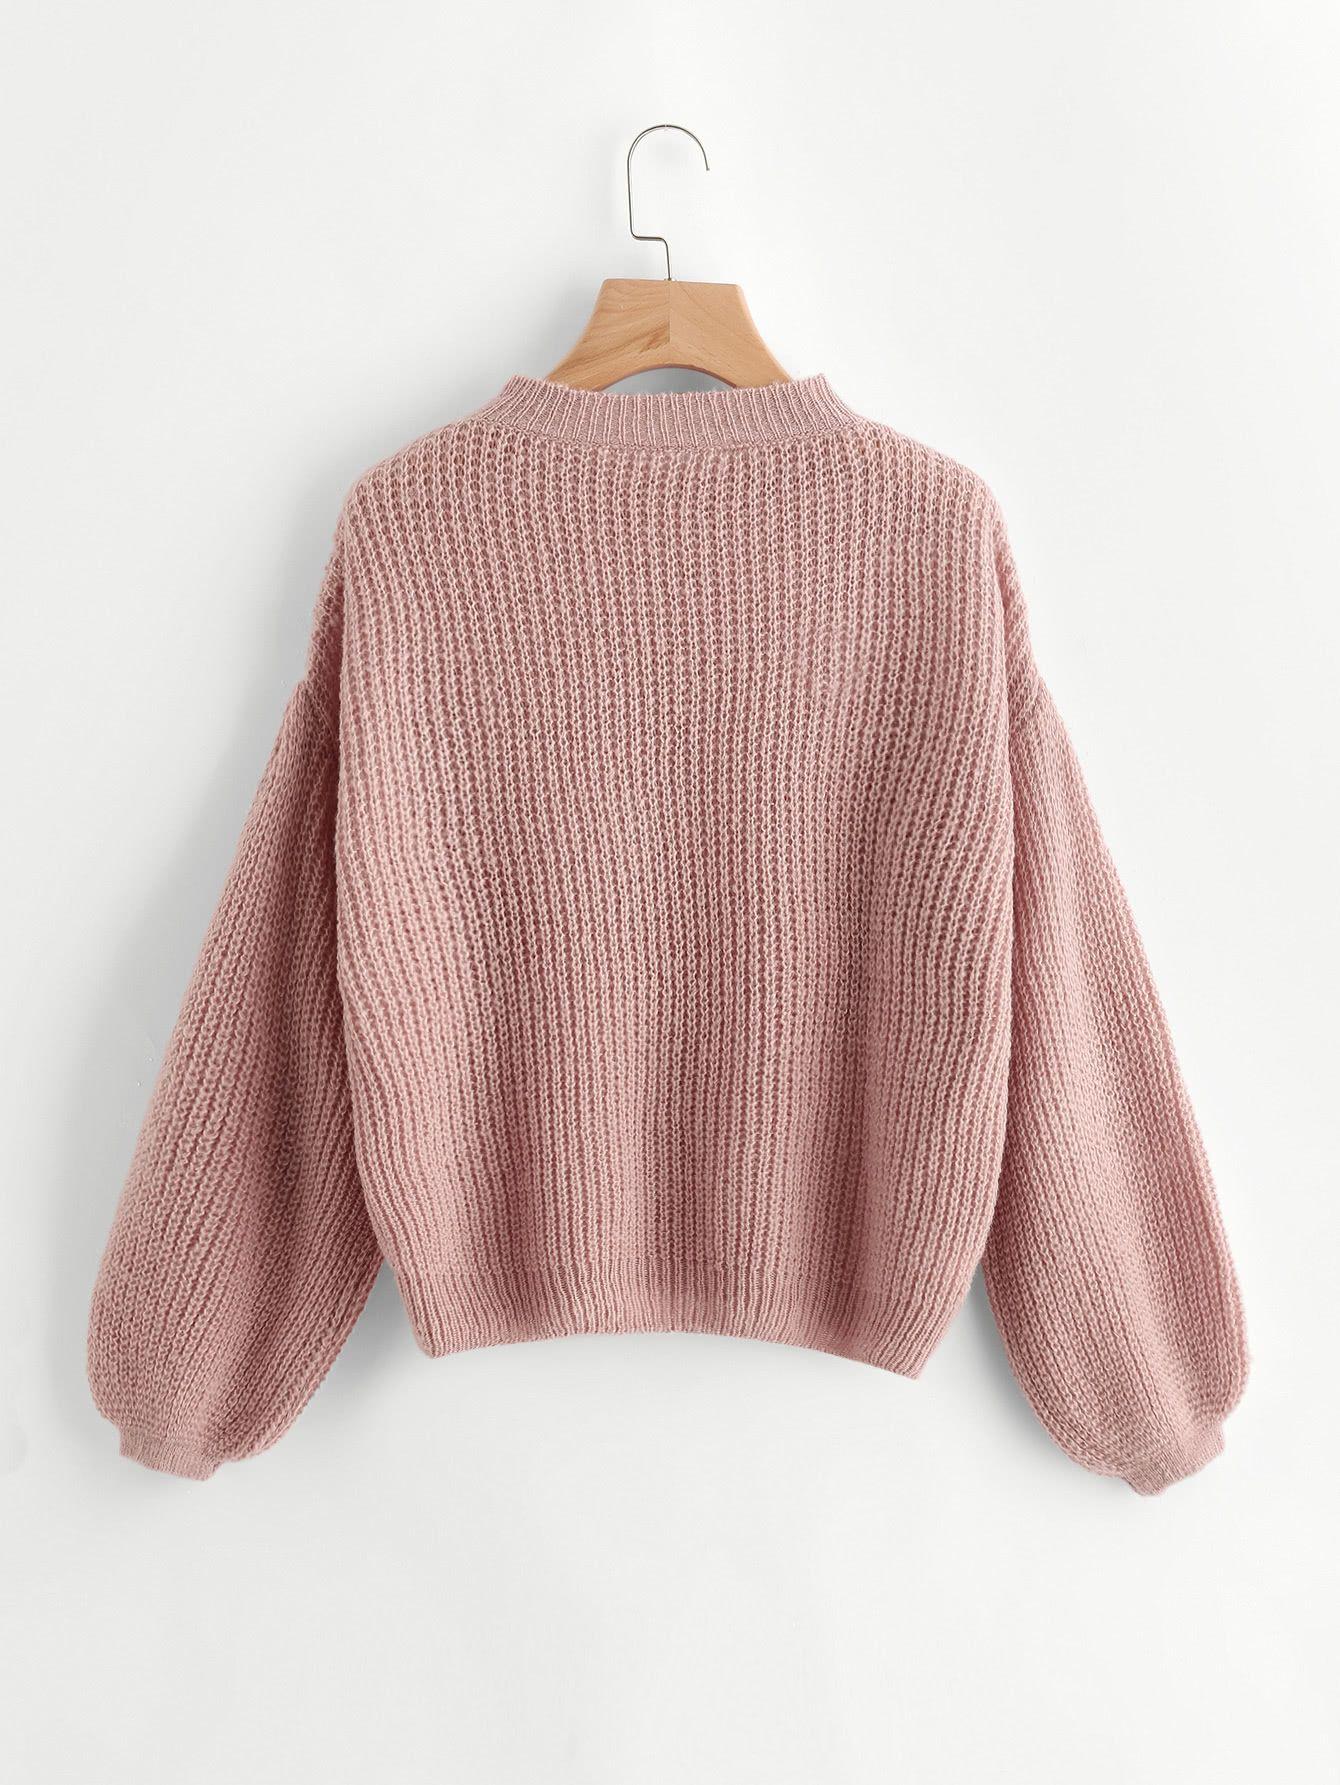 Pullover mit sehr tief angesetzter Schulterpartie und